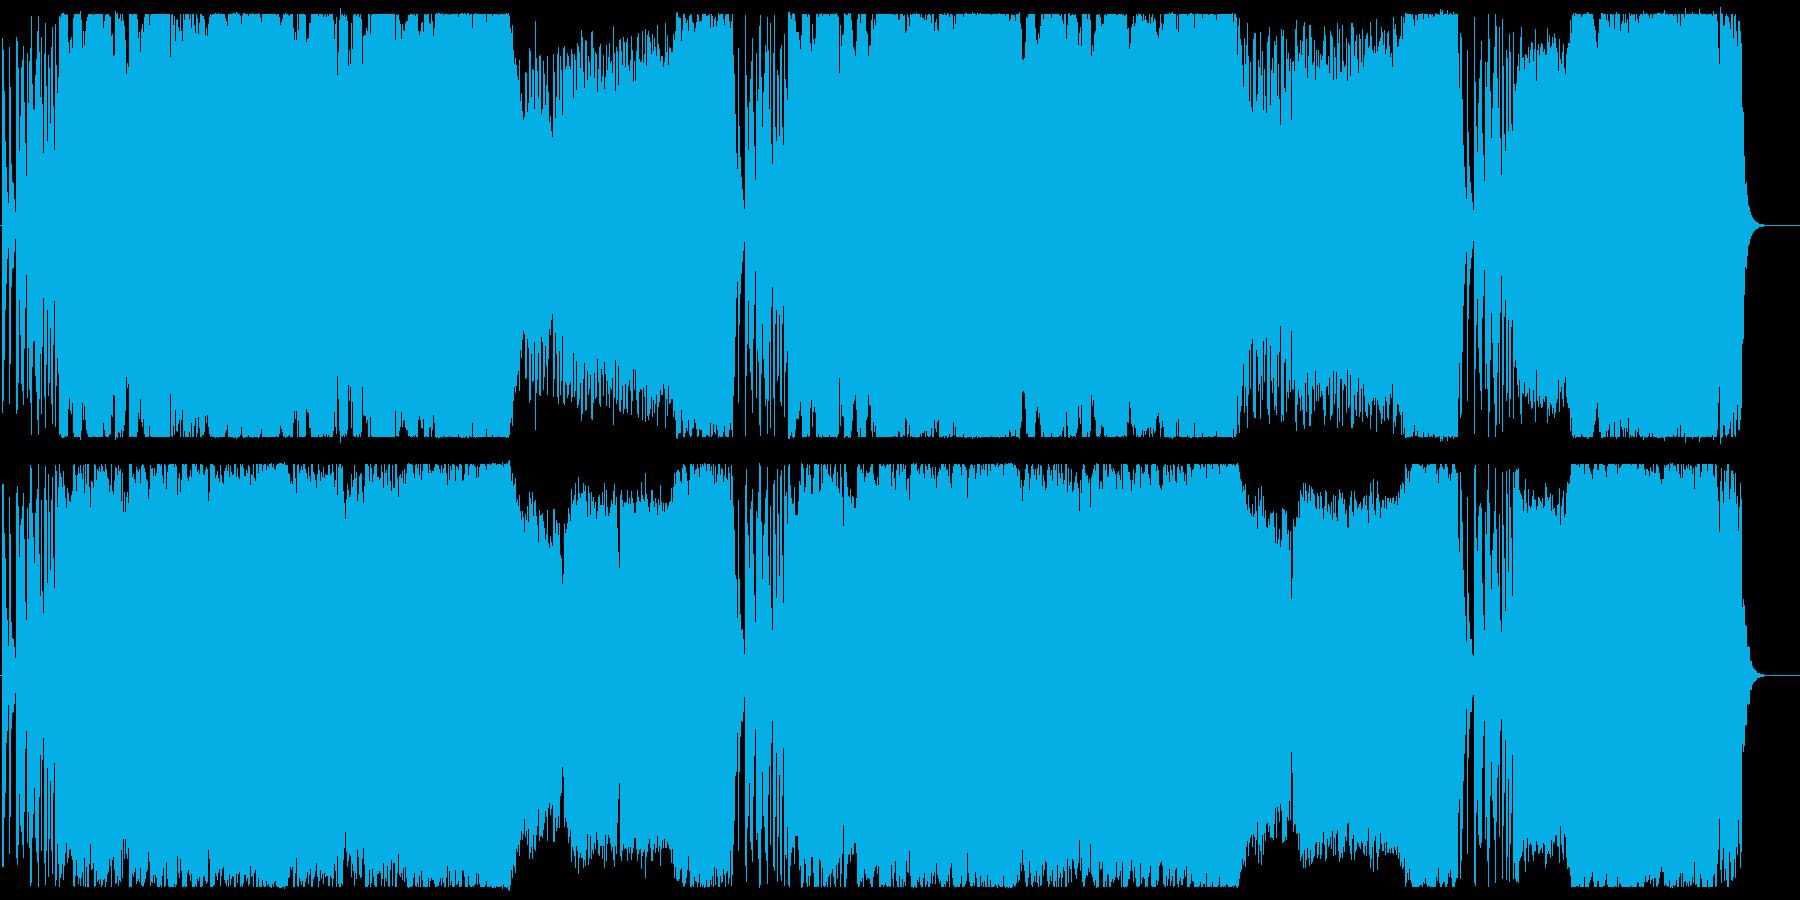 壮大で賑やかなオーケストラの曲の再生済みの波形